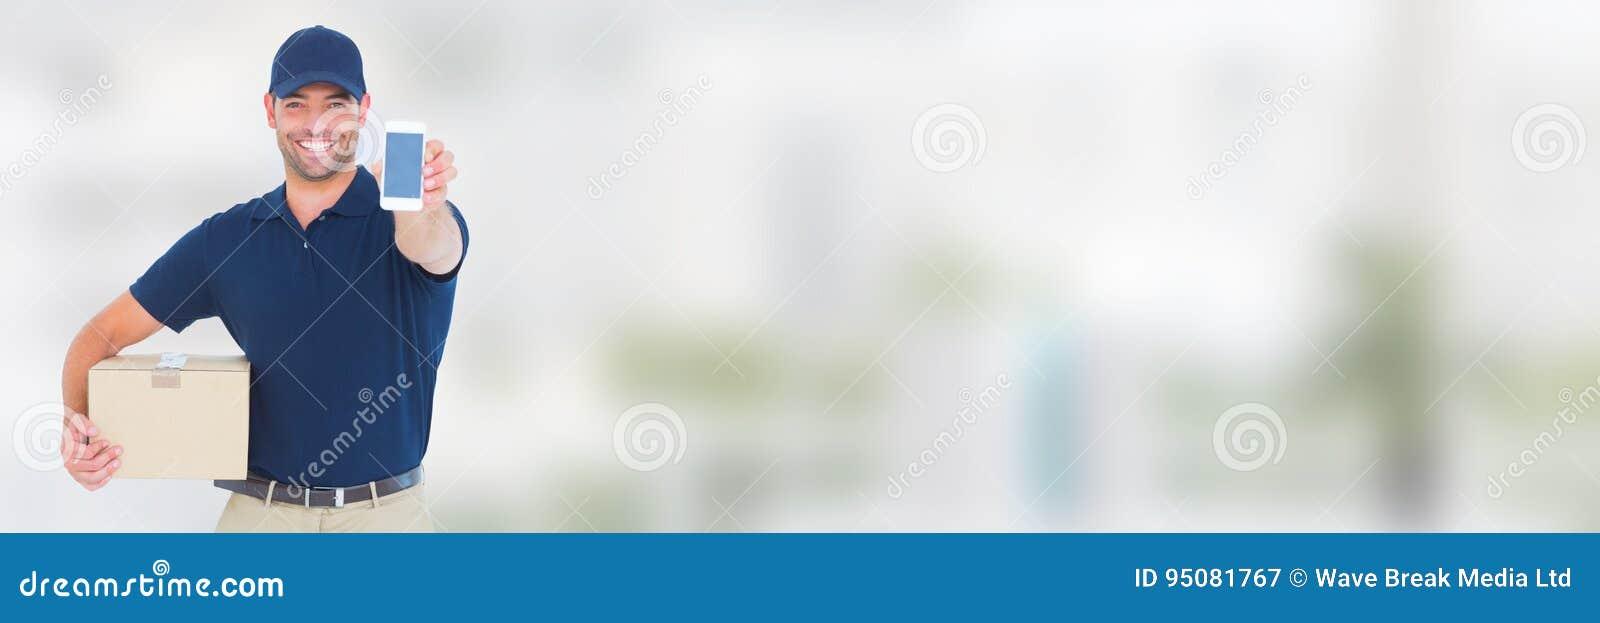 Messager de la livraison avec le colis et téléphone devant le fond brouillé